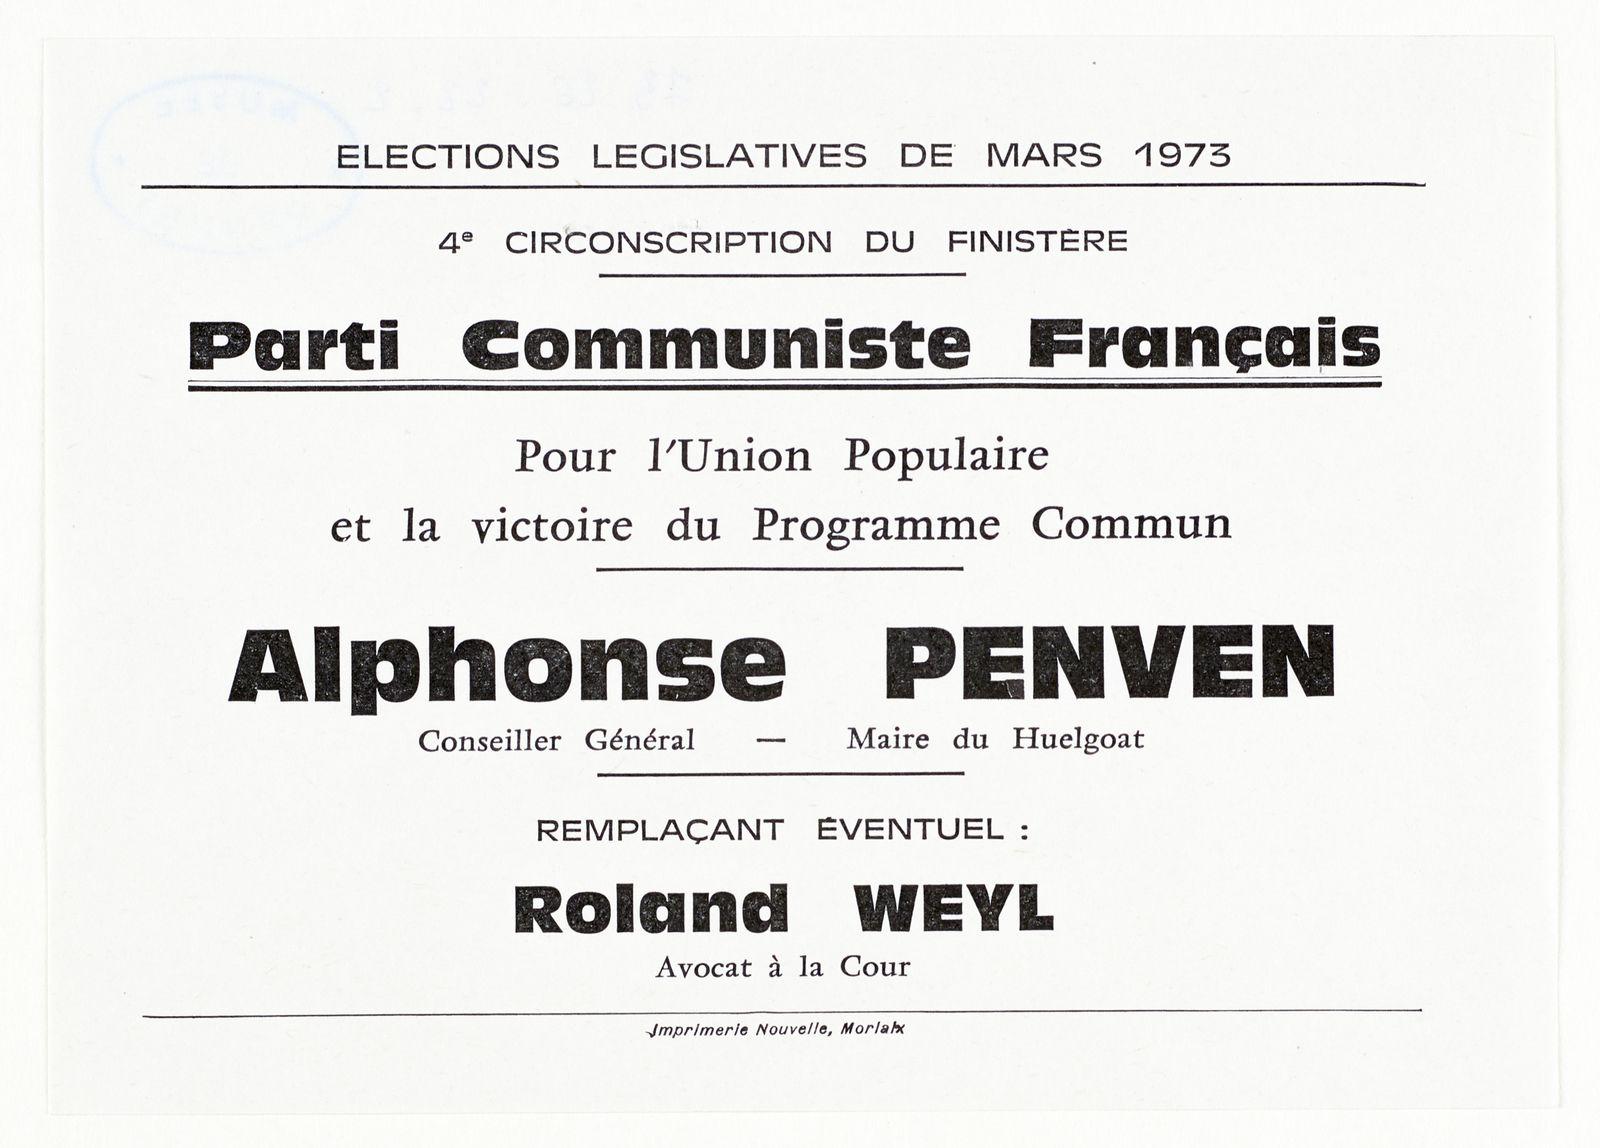 Quand Roland Weyl était candidat aux législatives à Morlaix avec Alphonse Penven en 1973